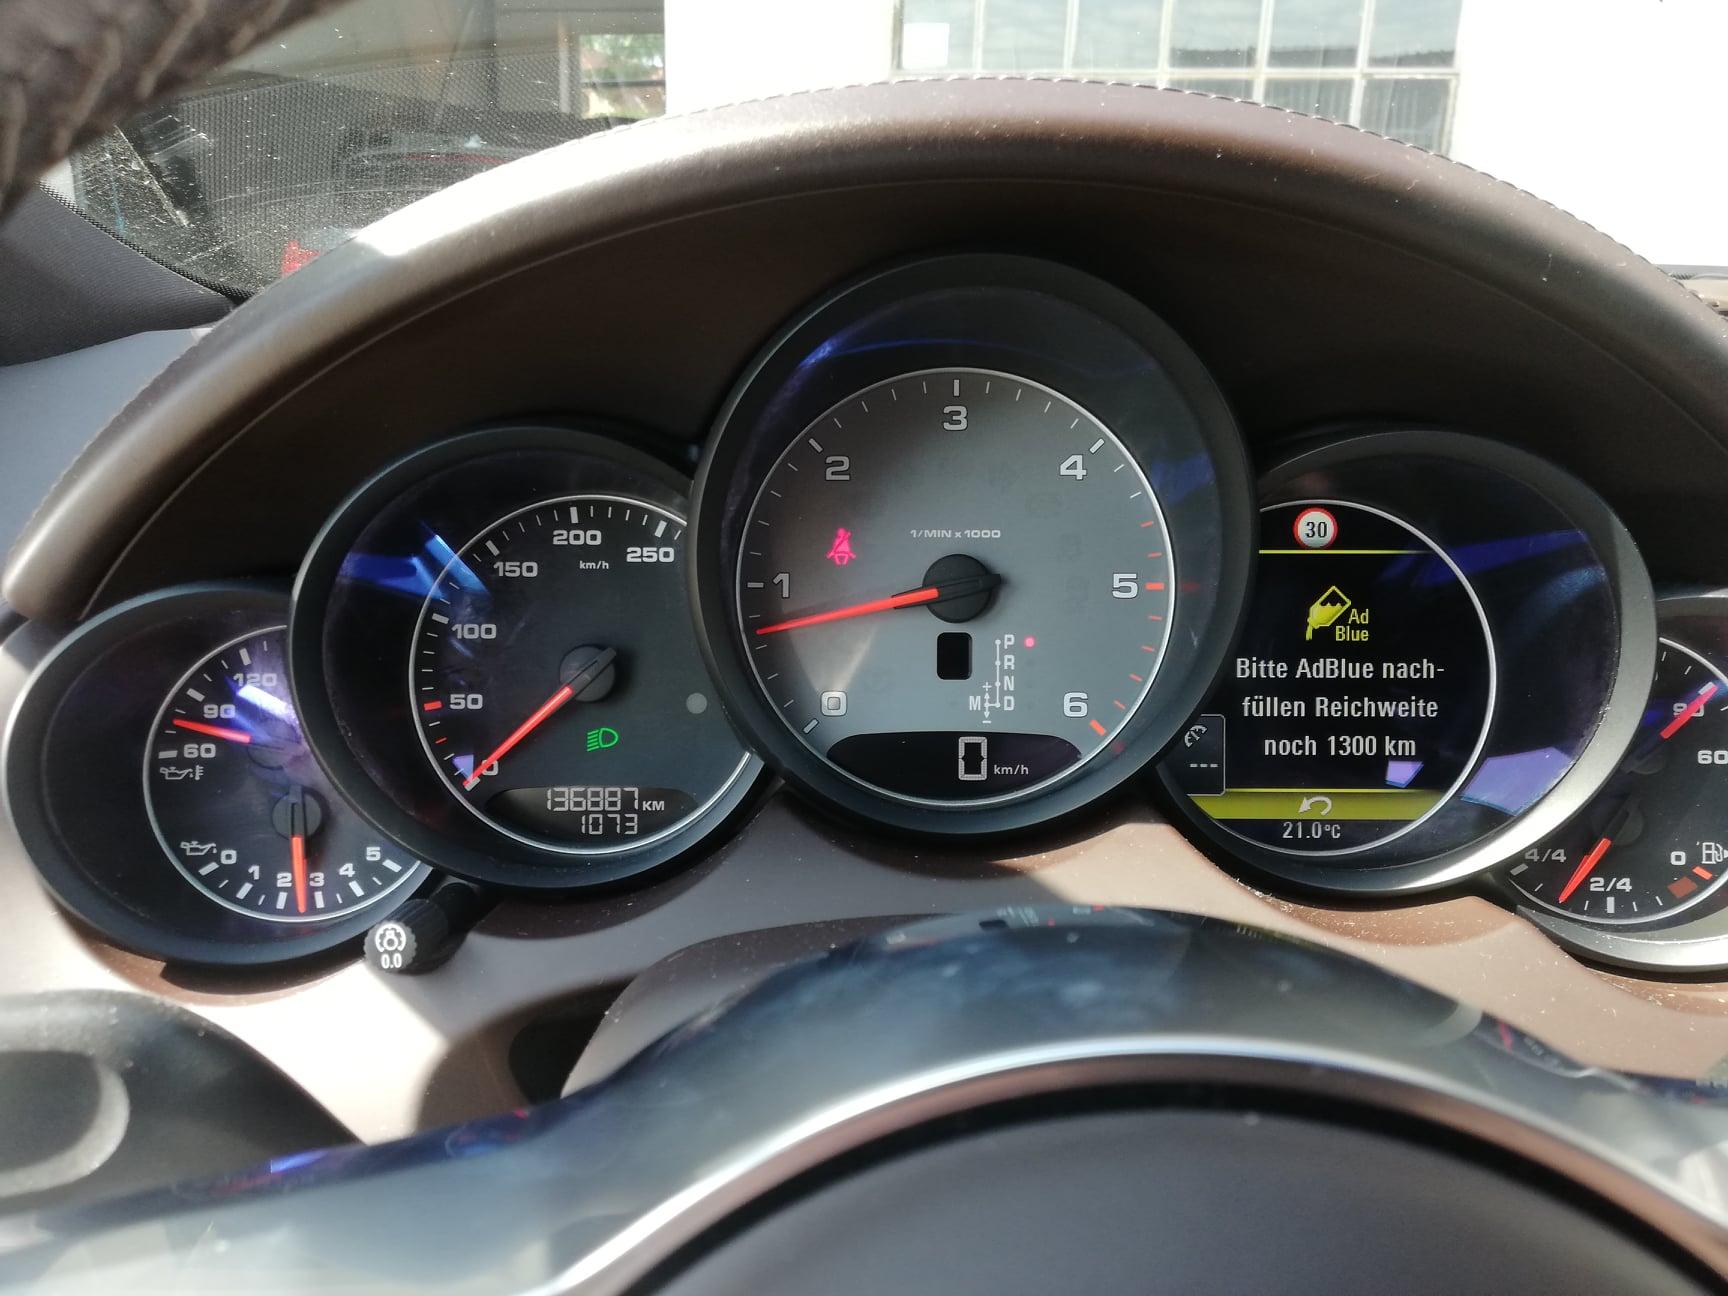 Porsche Cayenne 4S – 4.2 TDI Problem z Adblue